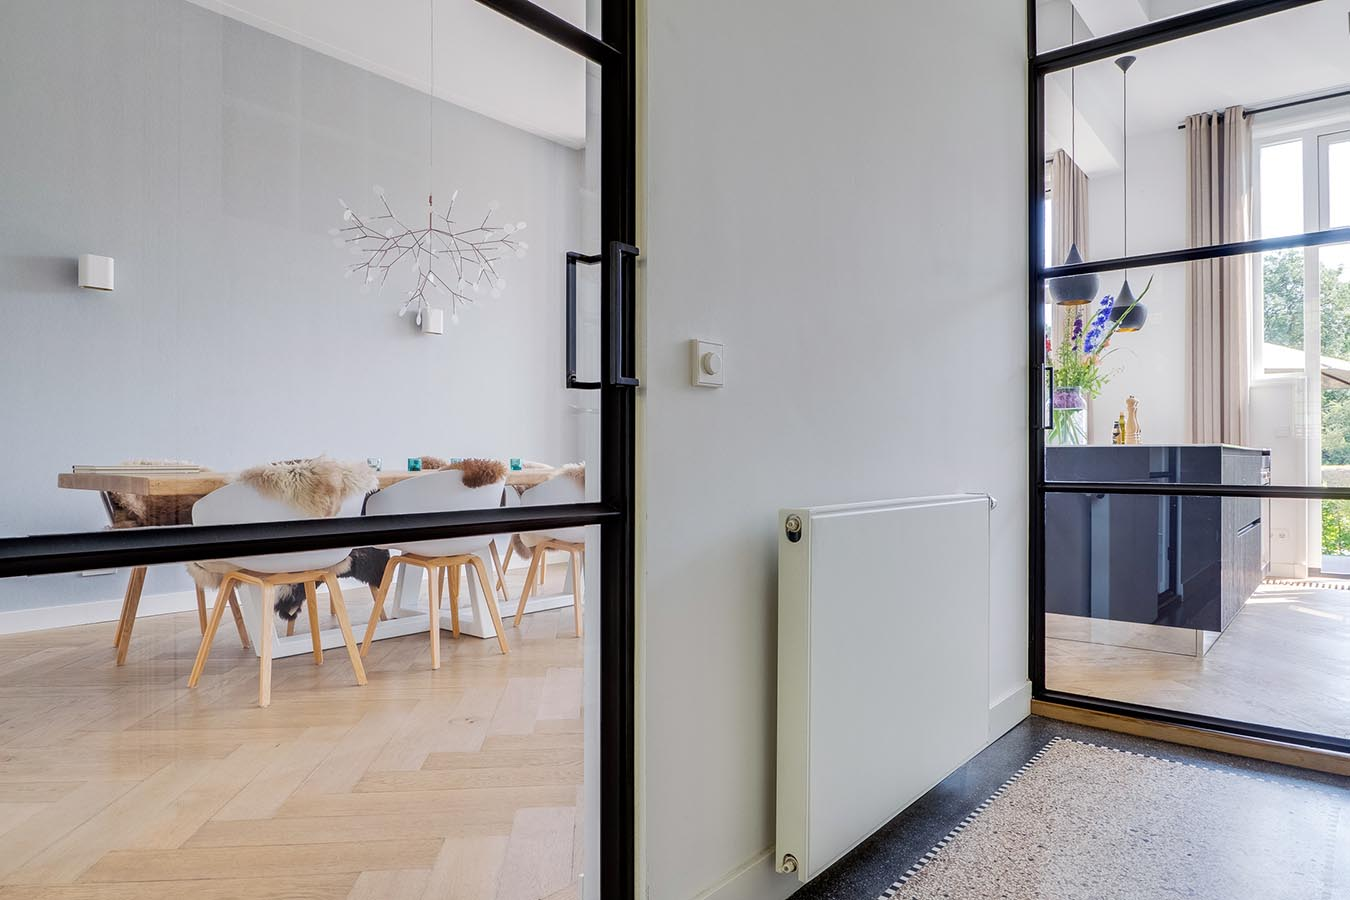 ijzeren deuren in de woning